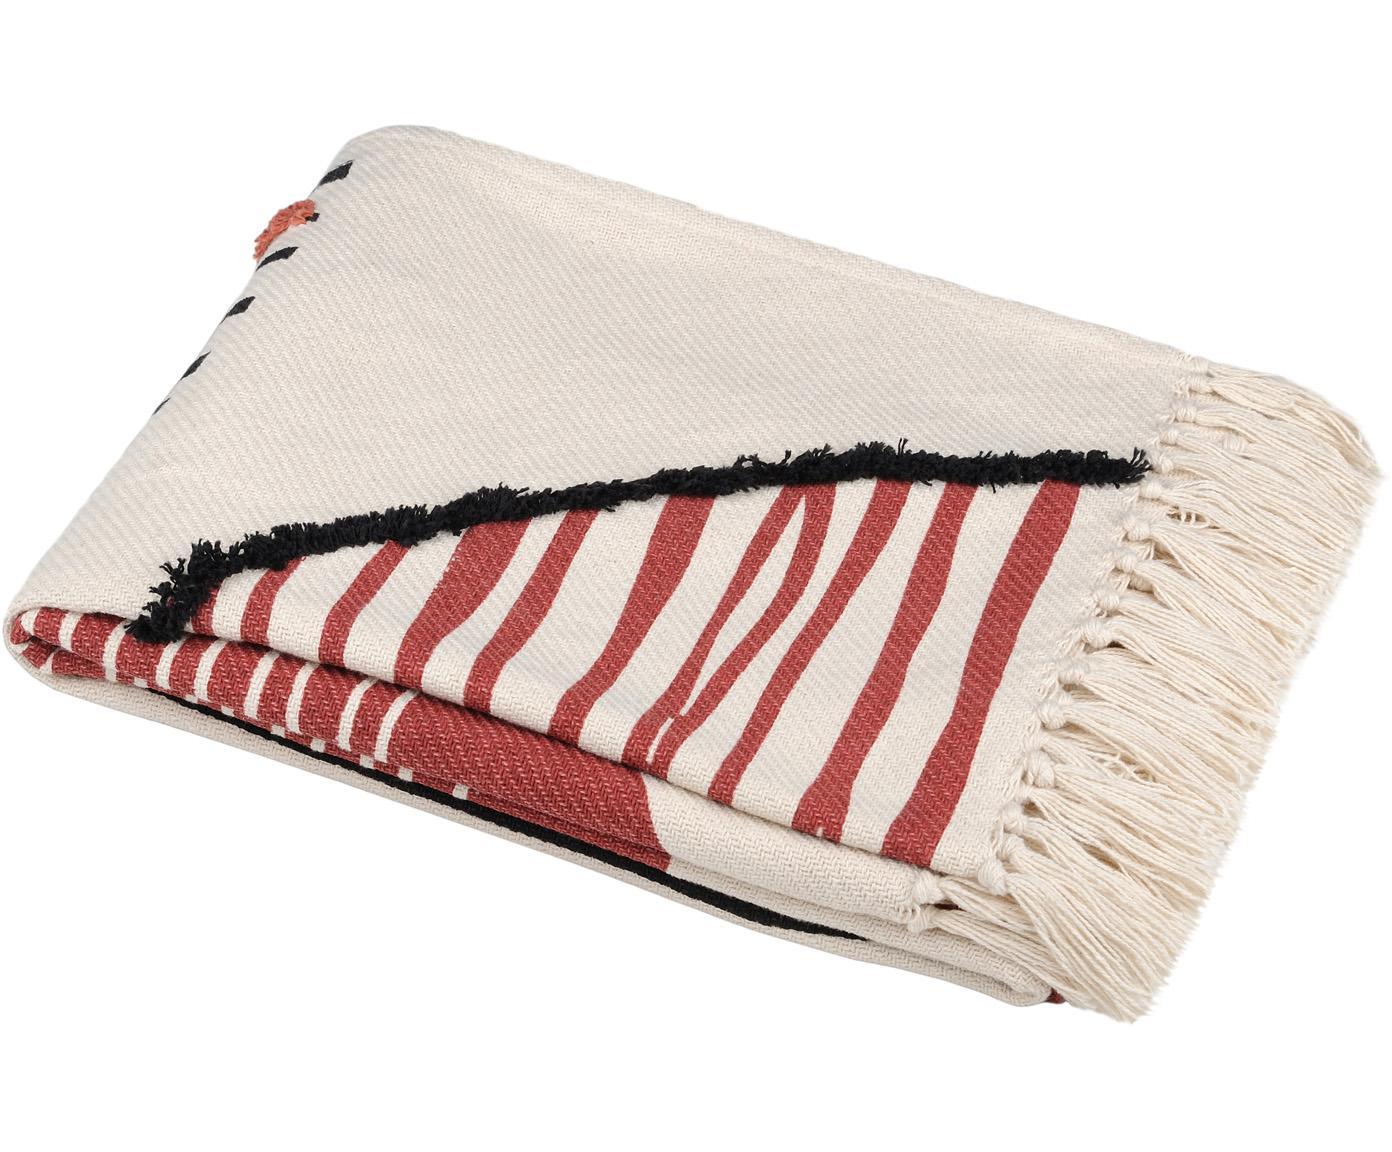 Plaid Dakar mit Fransenabschluss und Hoch-Tief-Struktur, 96% Baumwolle, 4% Elastan, Weiß, Rot, Schwarz, 125 x 150 cm